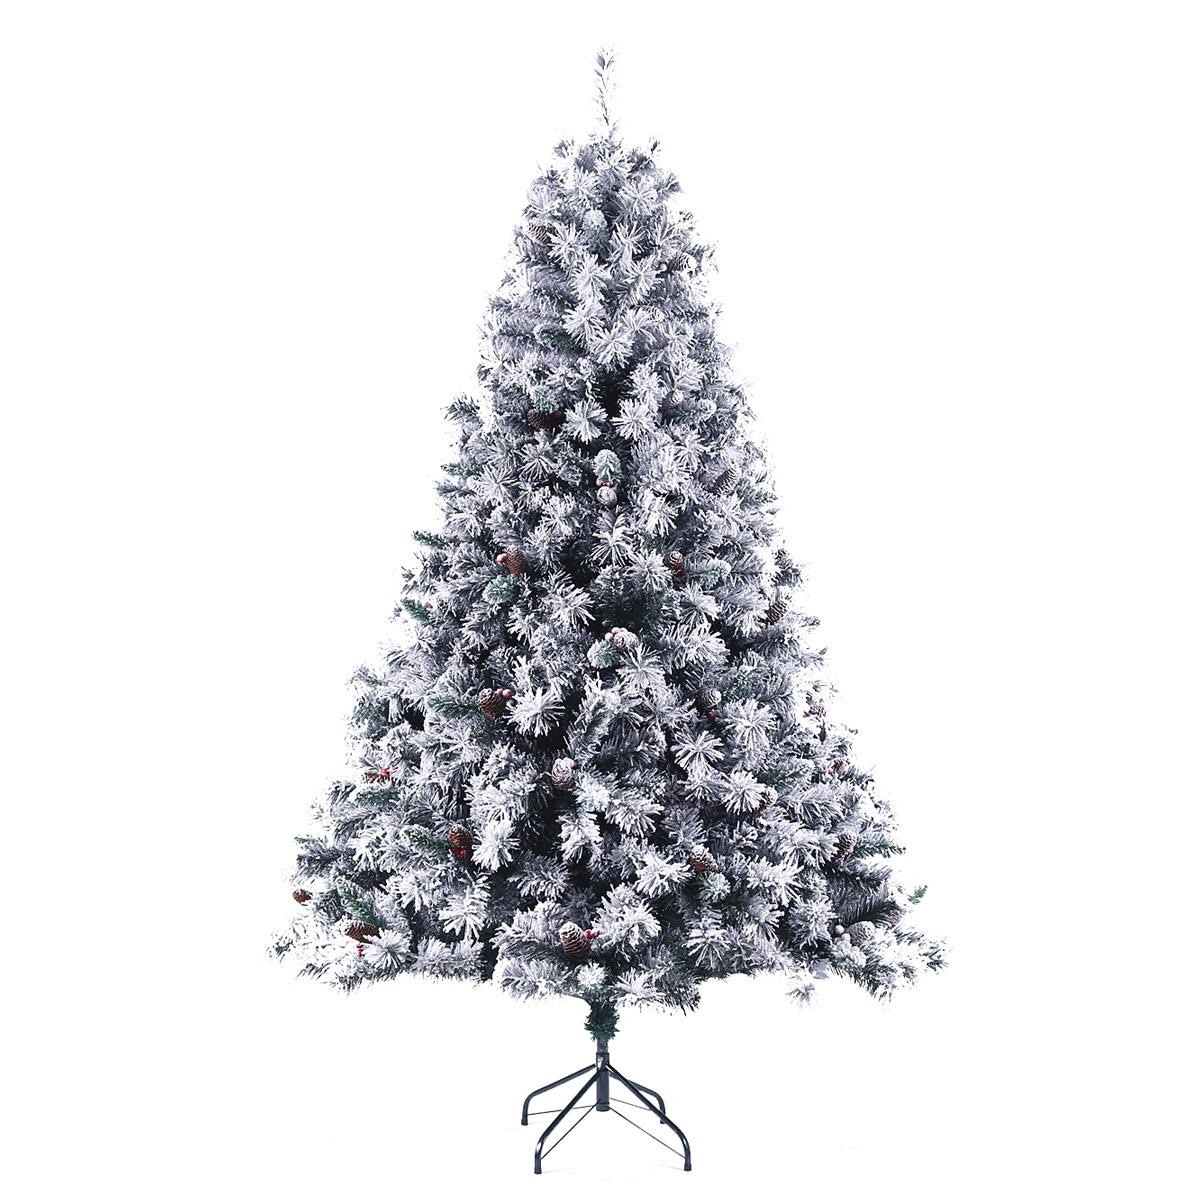 92030 SVITA Weihnachtsbaum künstlich mit Schnee und Tannenzapfen 210 cm